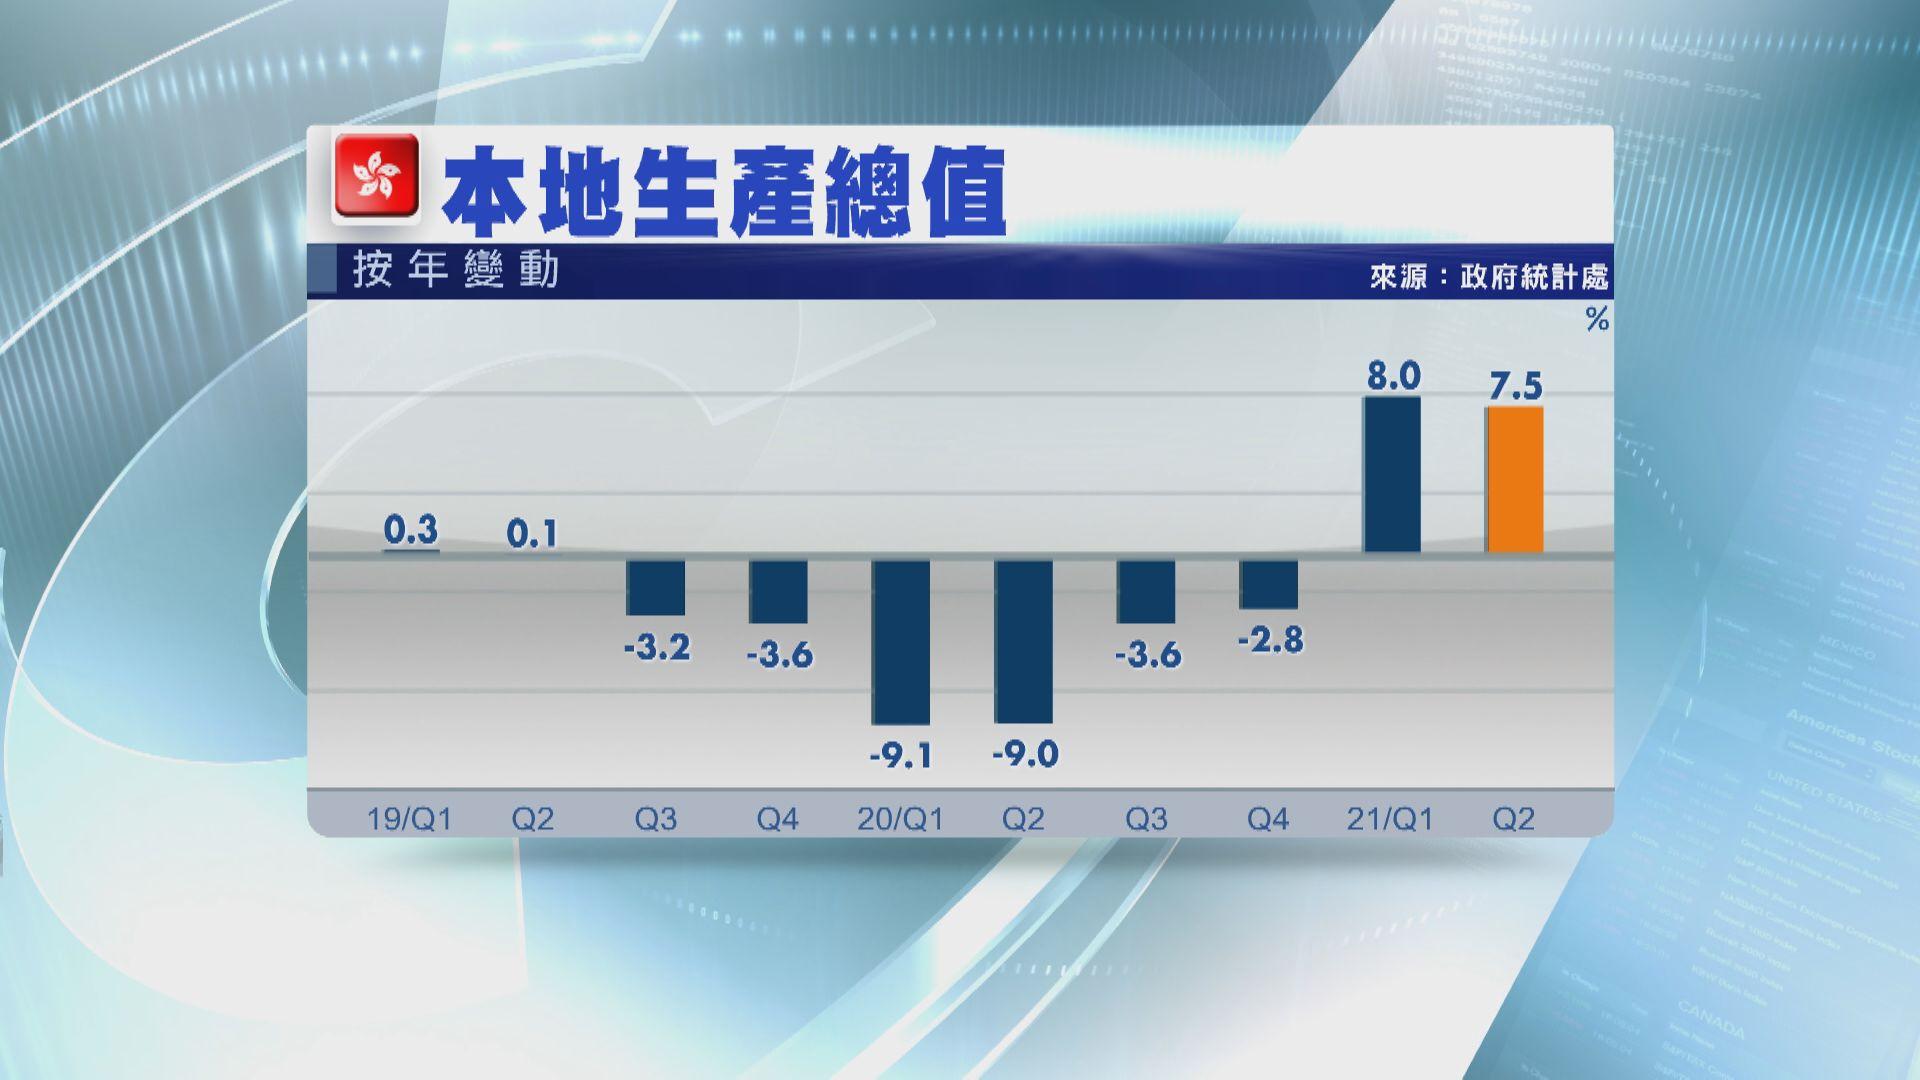 次季經濟增長放緩至7.5% 遜預期